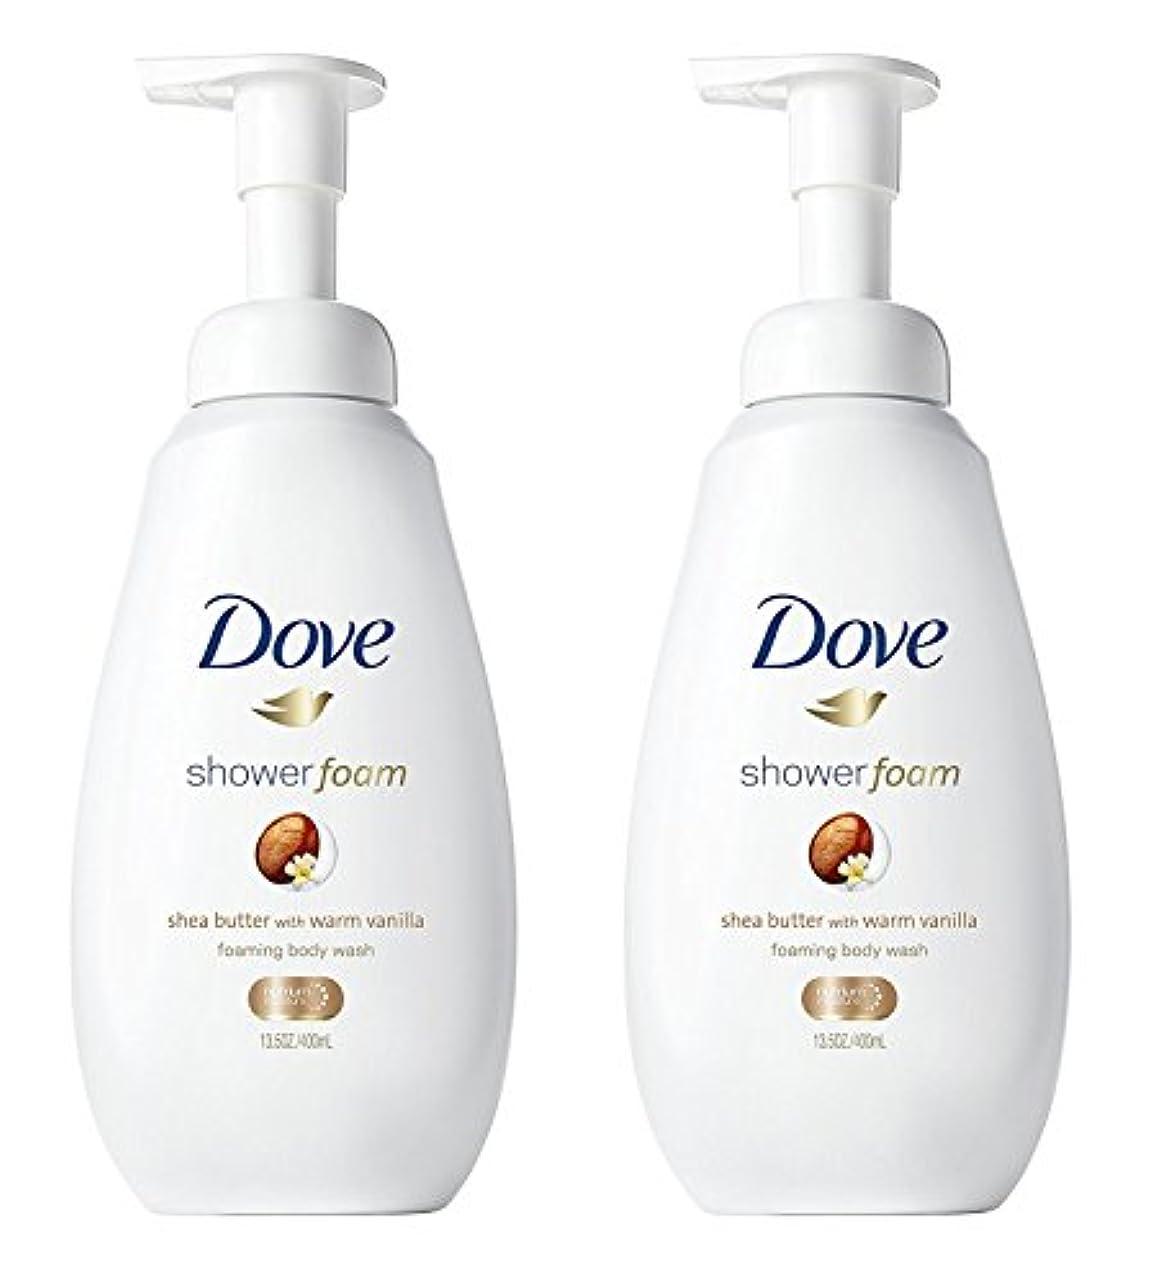 会計士敬意を表して作家Dove シャワー泡 - ウォームバニラシアバター - - ボディウォッシュを発泡ネット重量。ボトルあたり13.5液量オンス(400ml)を - 2本のボトルのパック